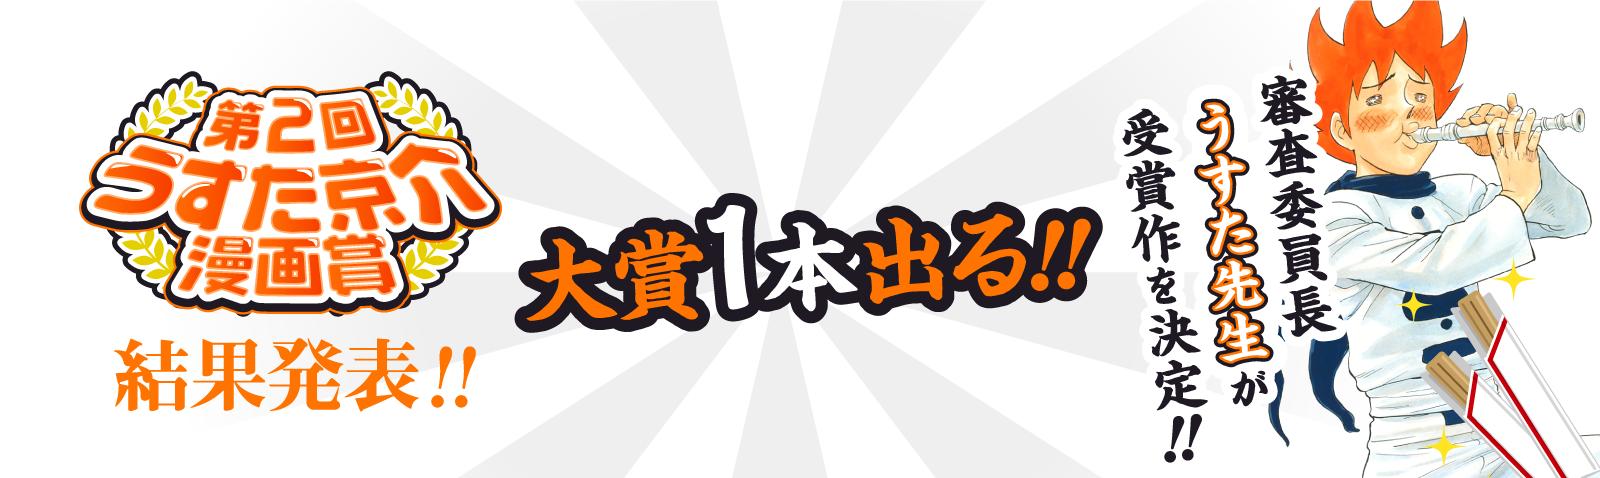 第2回 うすた京介 漫画賞 大賞1本出る!!